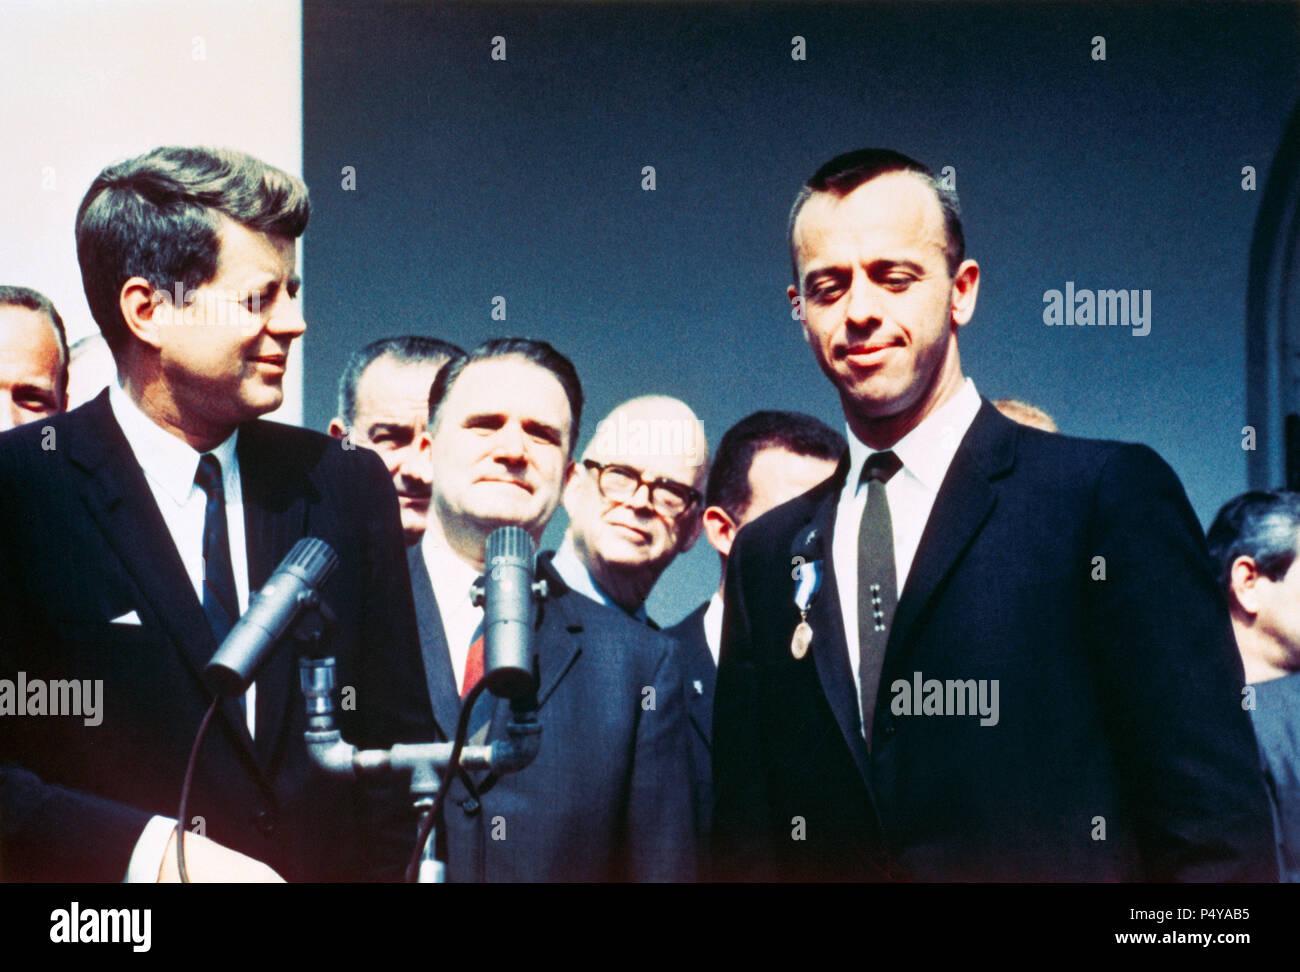 (8. Mai 1961) - - - Präsident John F. Kennedy (links) gratuliert der NASA Distinguished Service Medal Award Empfänger Astronaut Alan B. Shepard jr. in einem Rosengarten Zeremonie am 8. Mai 1961, im Weißen Haus. Stockfoto